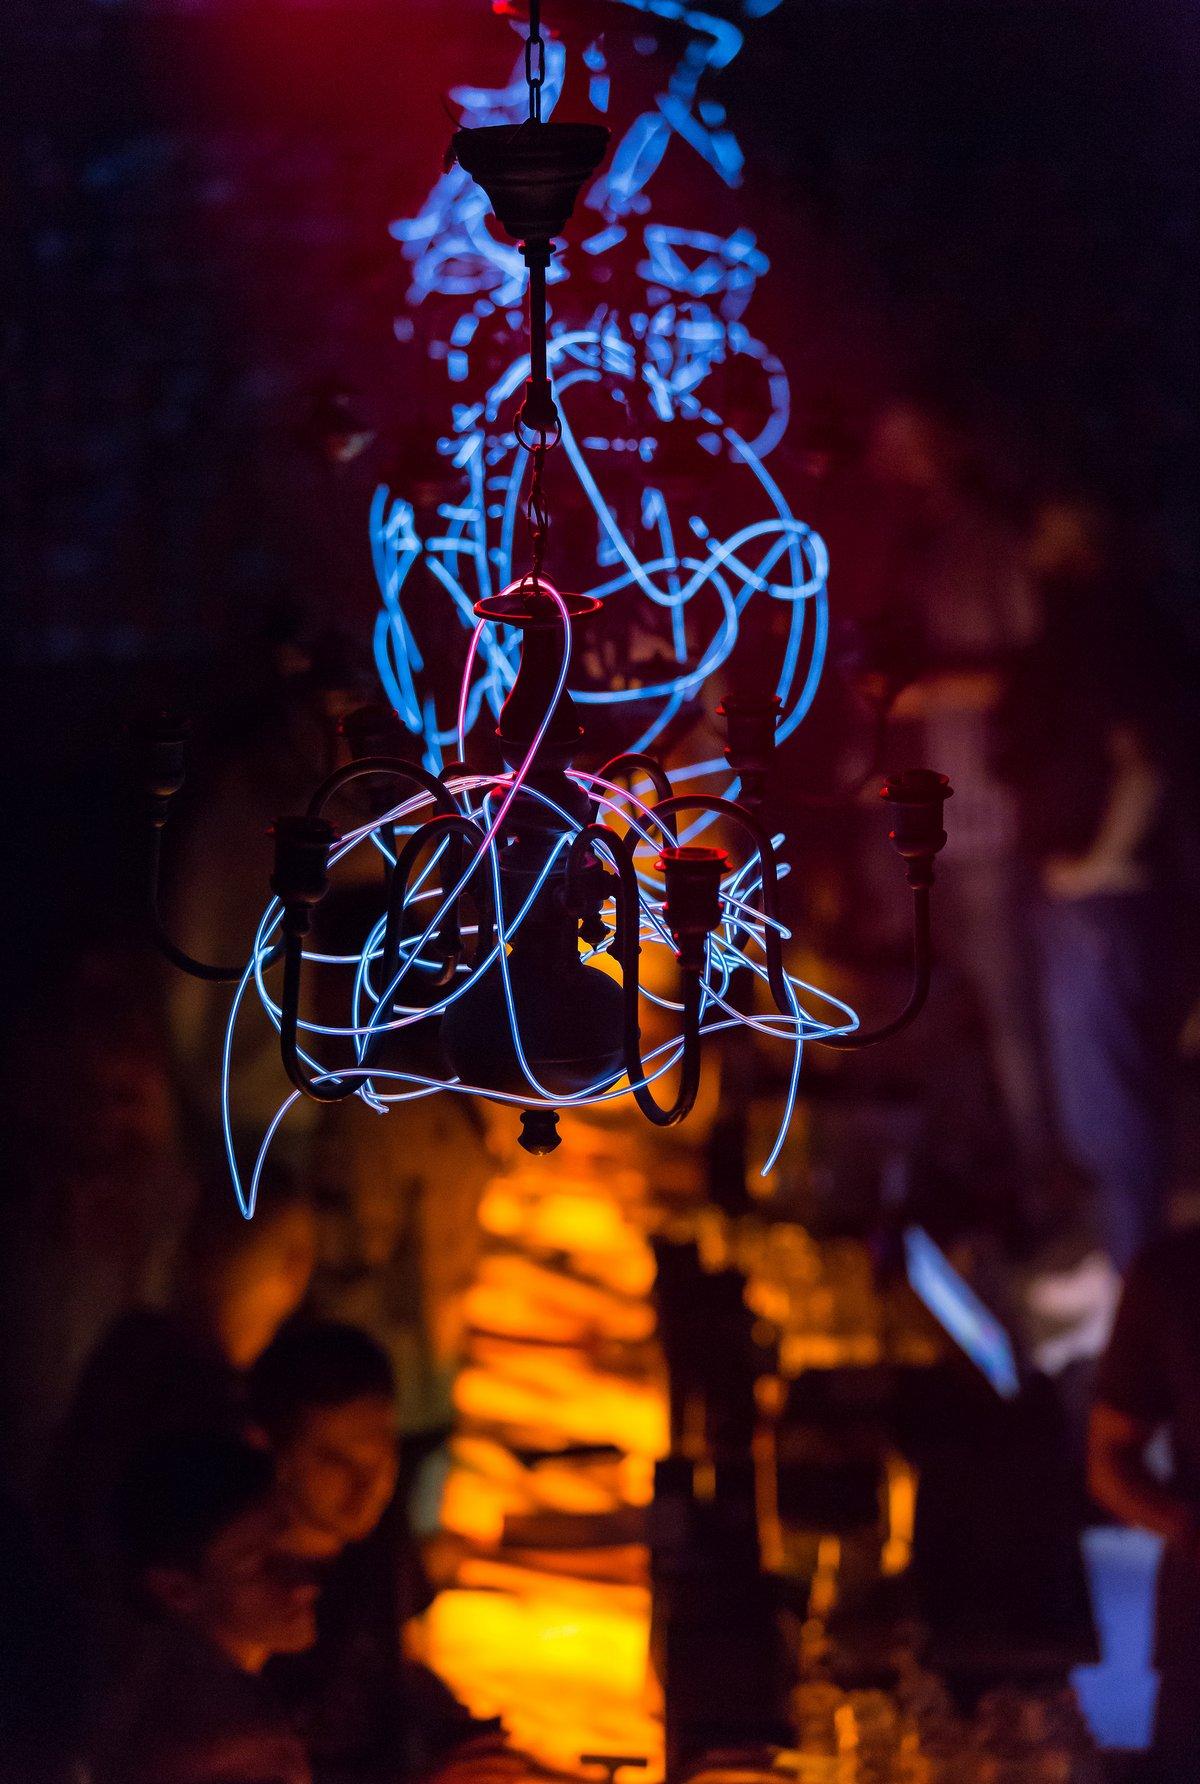 LAMA Arhitectura, дизайн ночного клуба, мраморная столешница, барная стойка из камня, оформление ночного клуба фото, Control Club